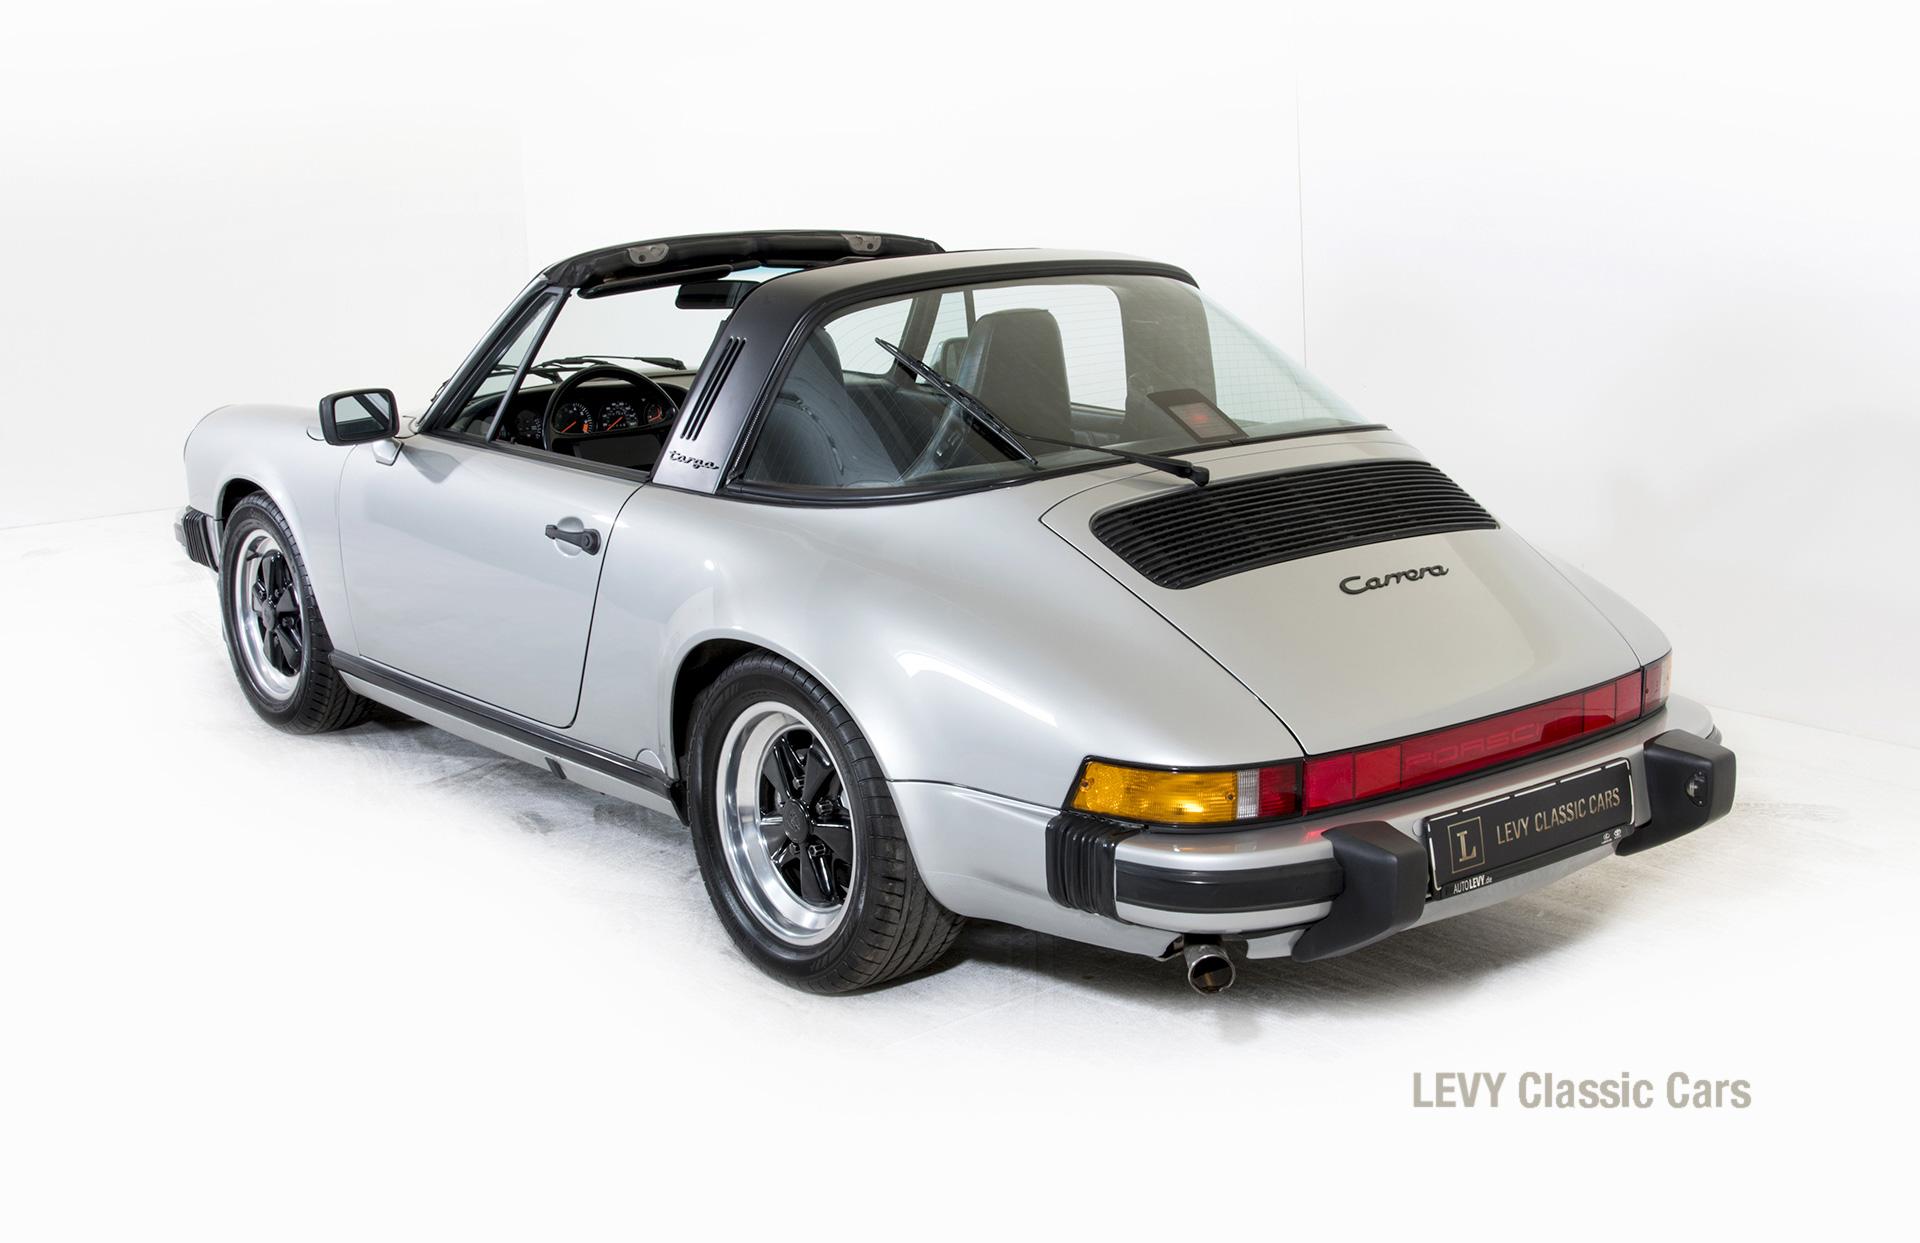 Porsche 911 silber Targa 60287 16_1